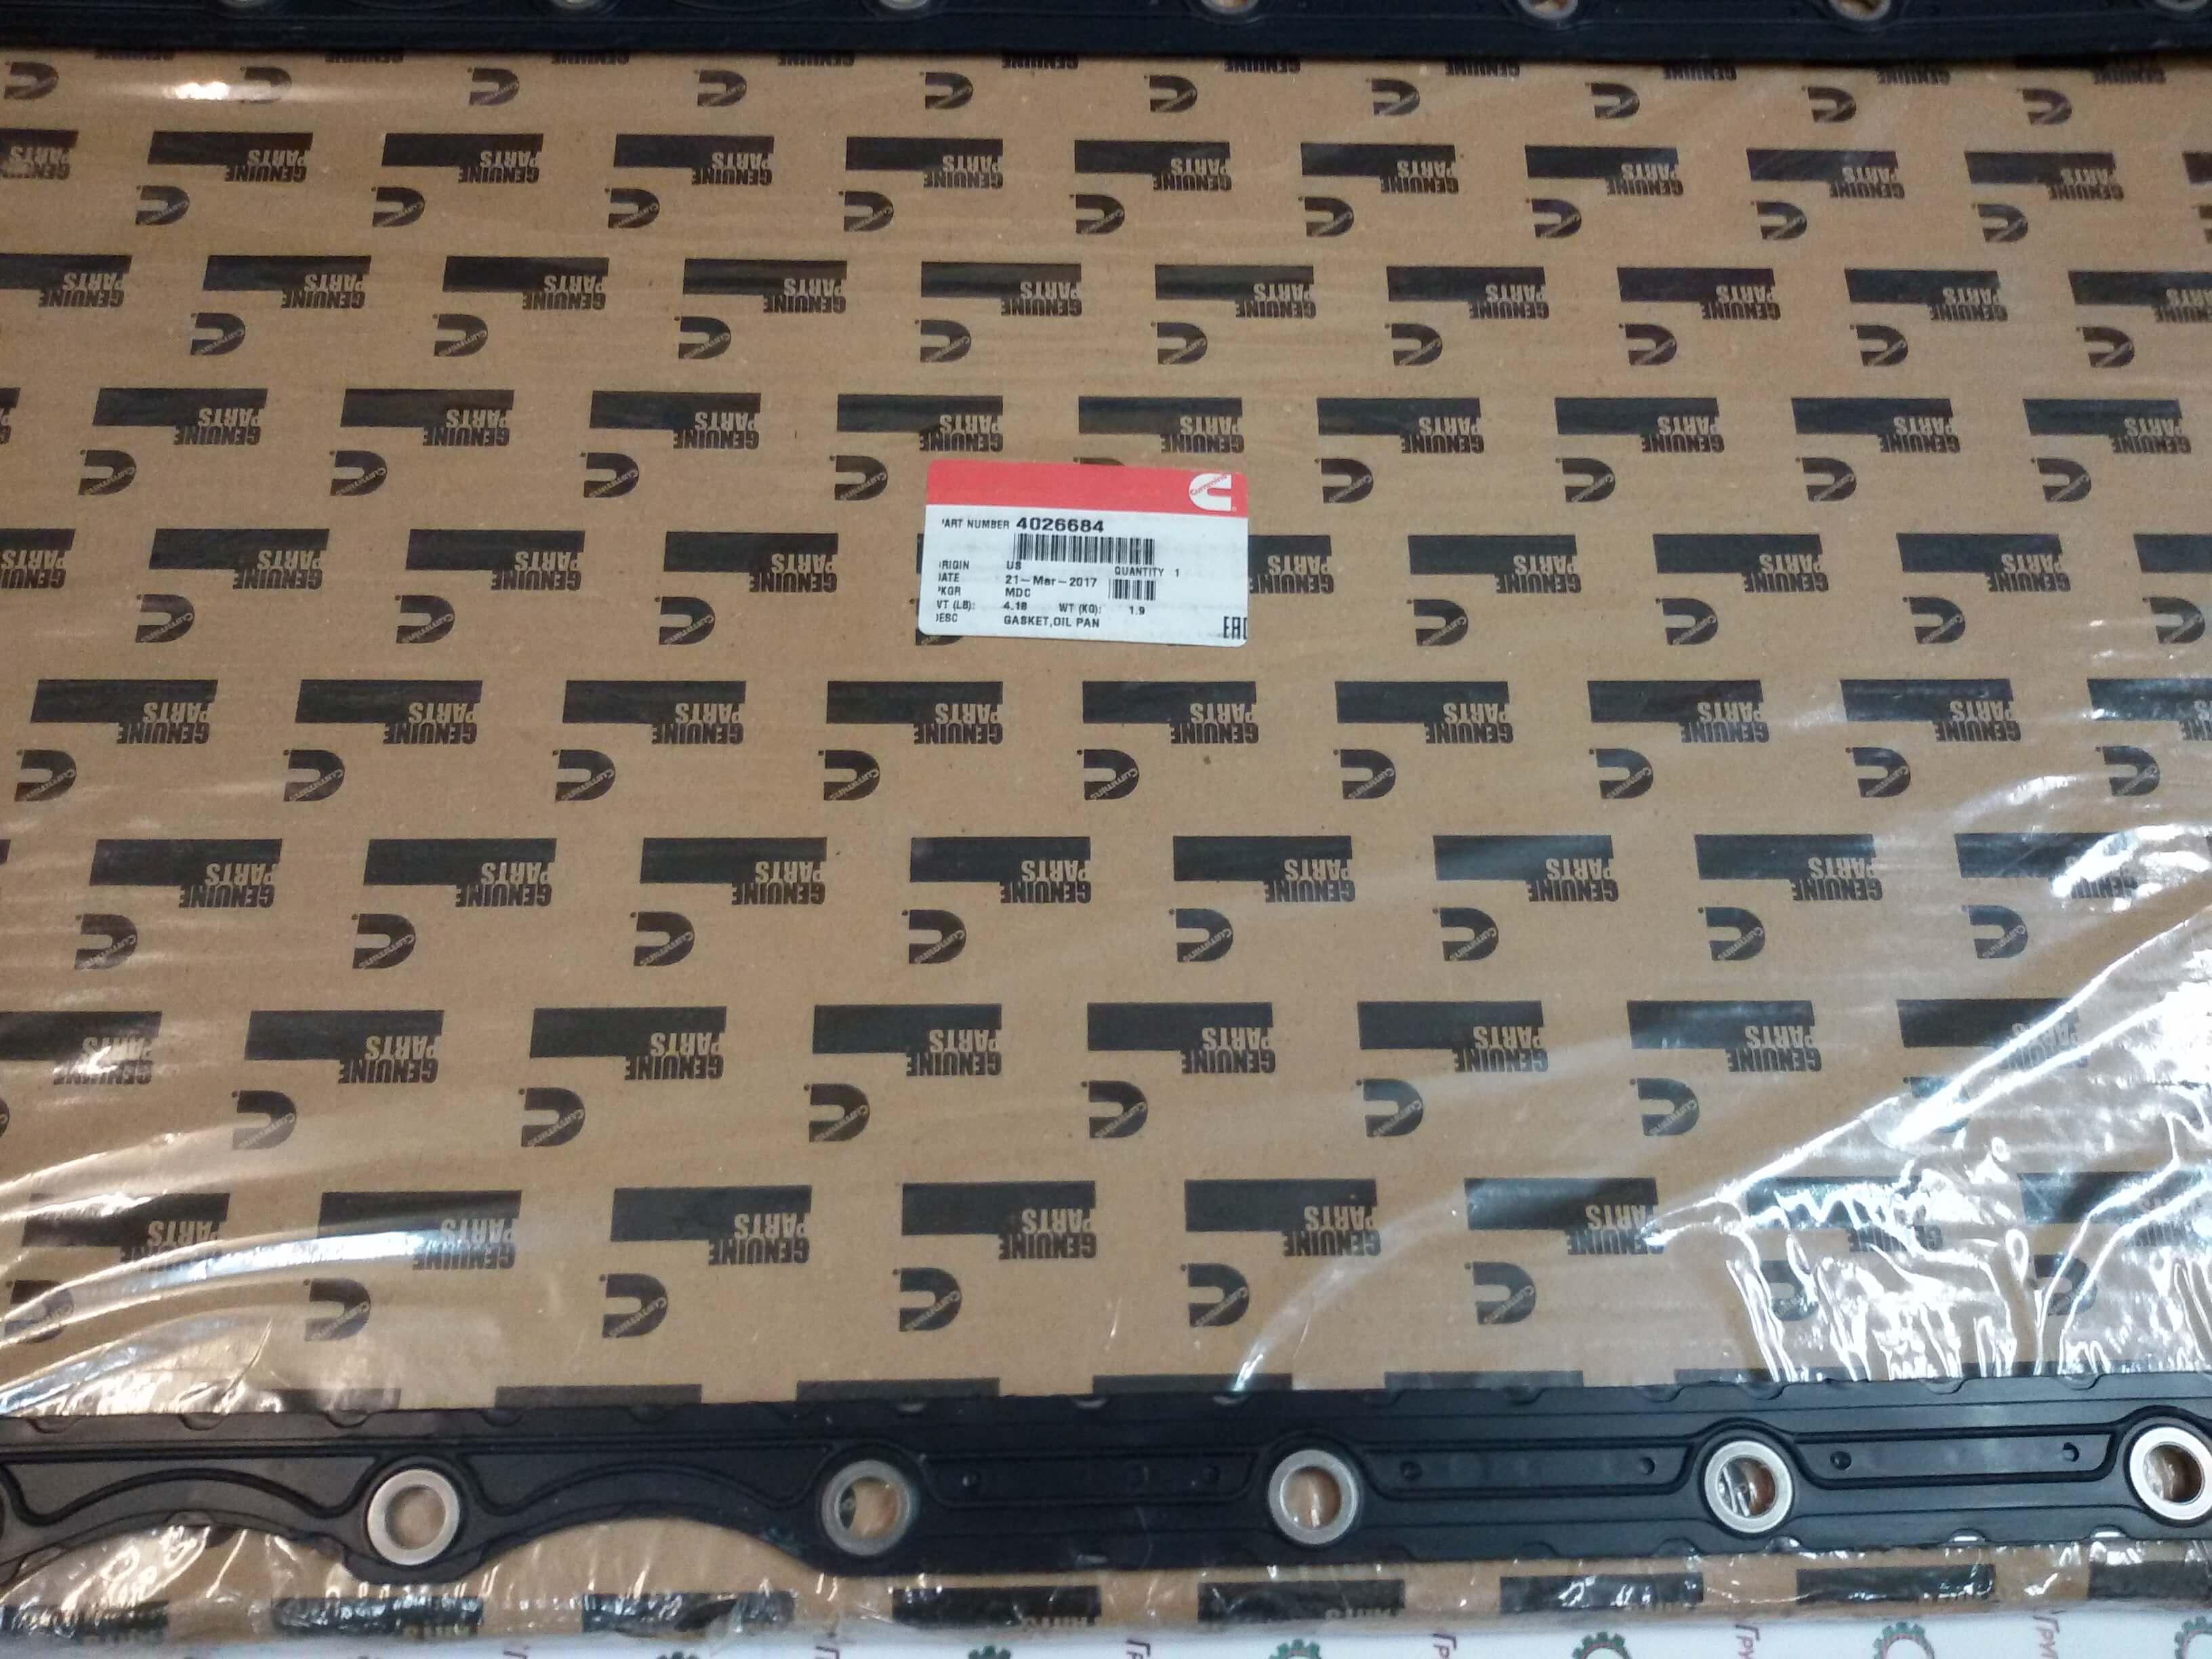 Прокладка масляного піддону Cummins ISX15, QSX15, 4026684, 3679943.